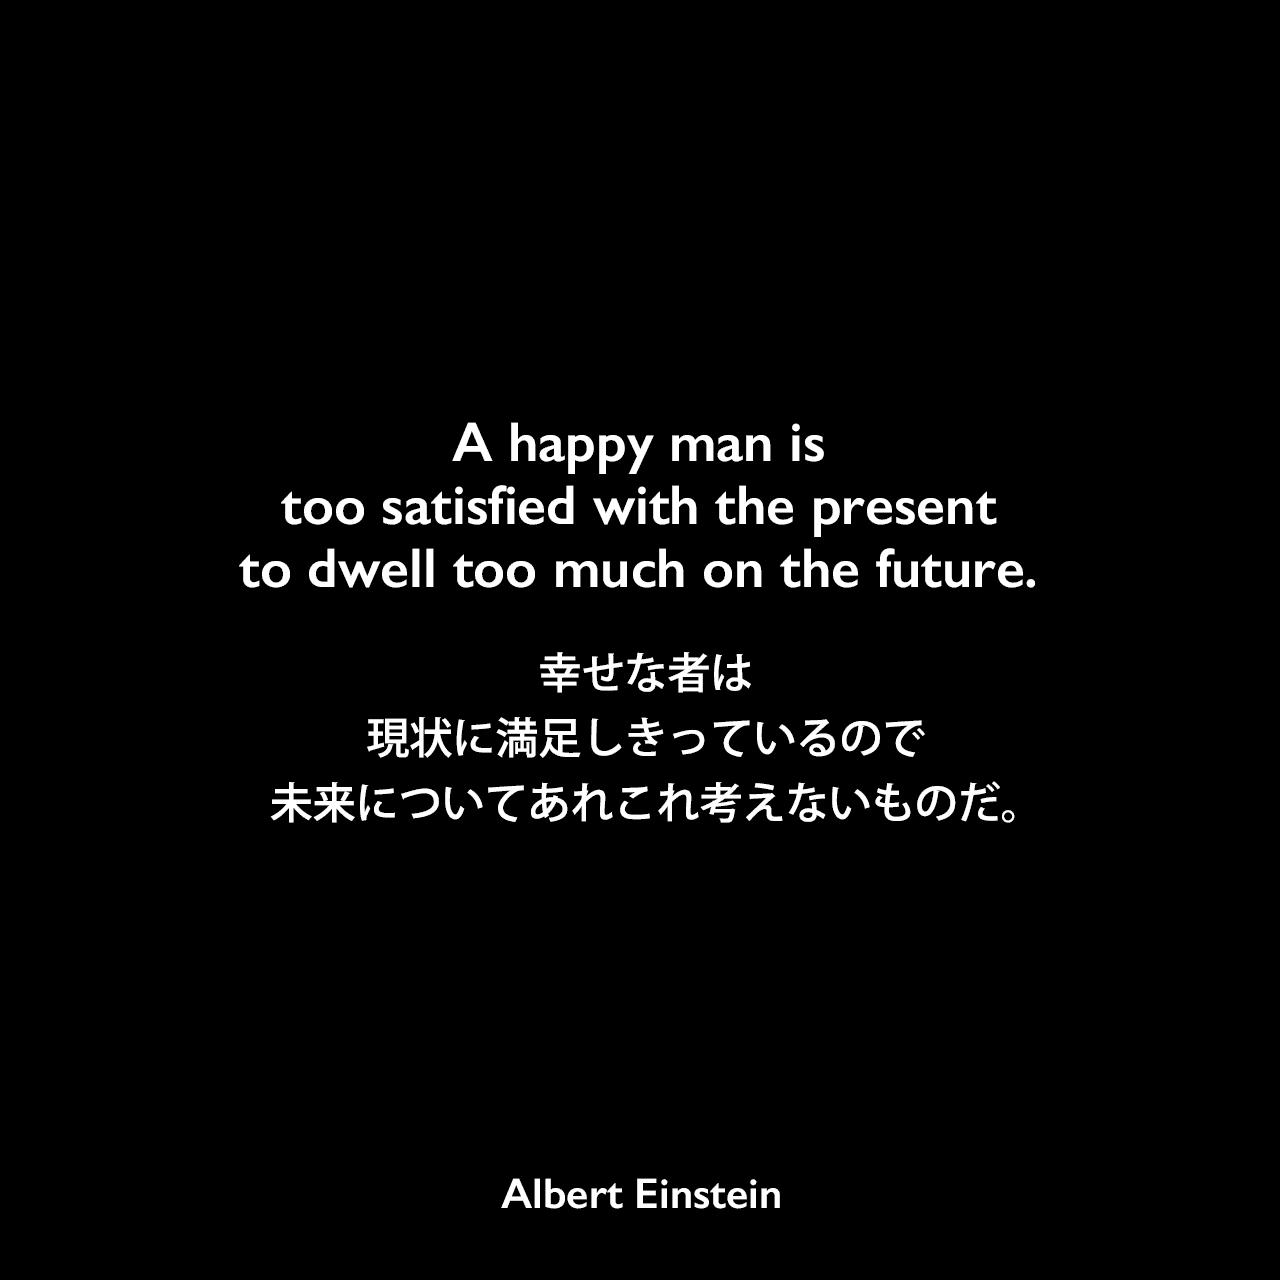 A happy man is too satisfied with the present to dwell too much on the future.幸せな者は現状に満足しきっているので、未来についてあれこれ考えないものだ。- アインシュタインが17歳の時に学校の試験で書いたフランス語のエッセイ(1896年9月18日)よりAlbert Einstein